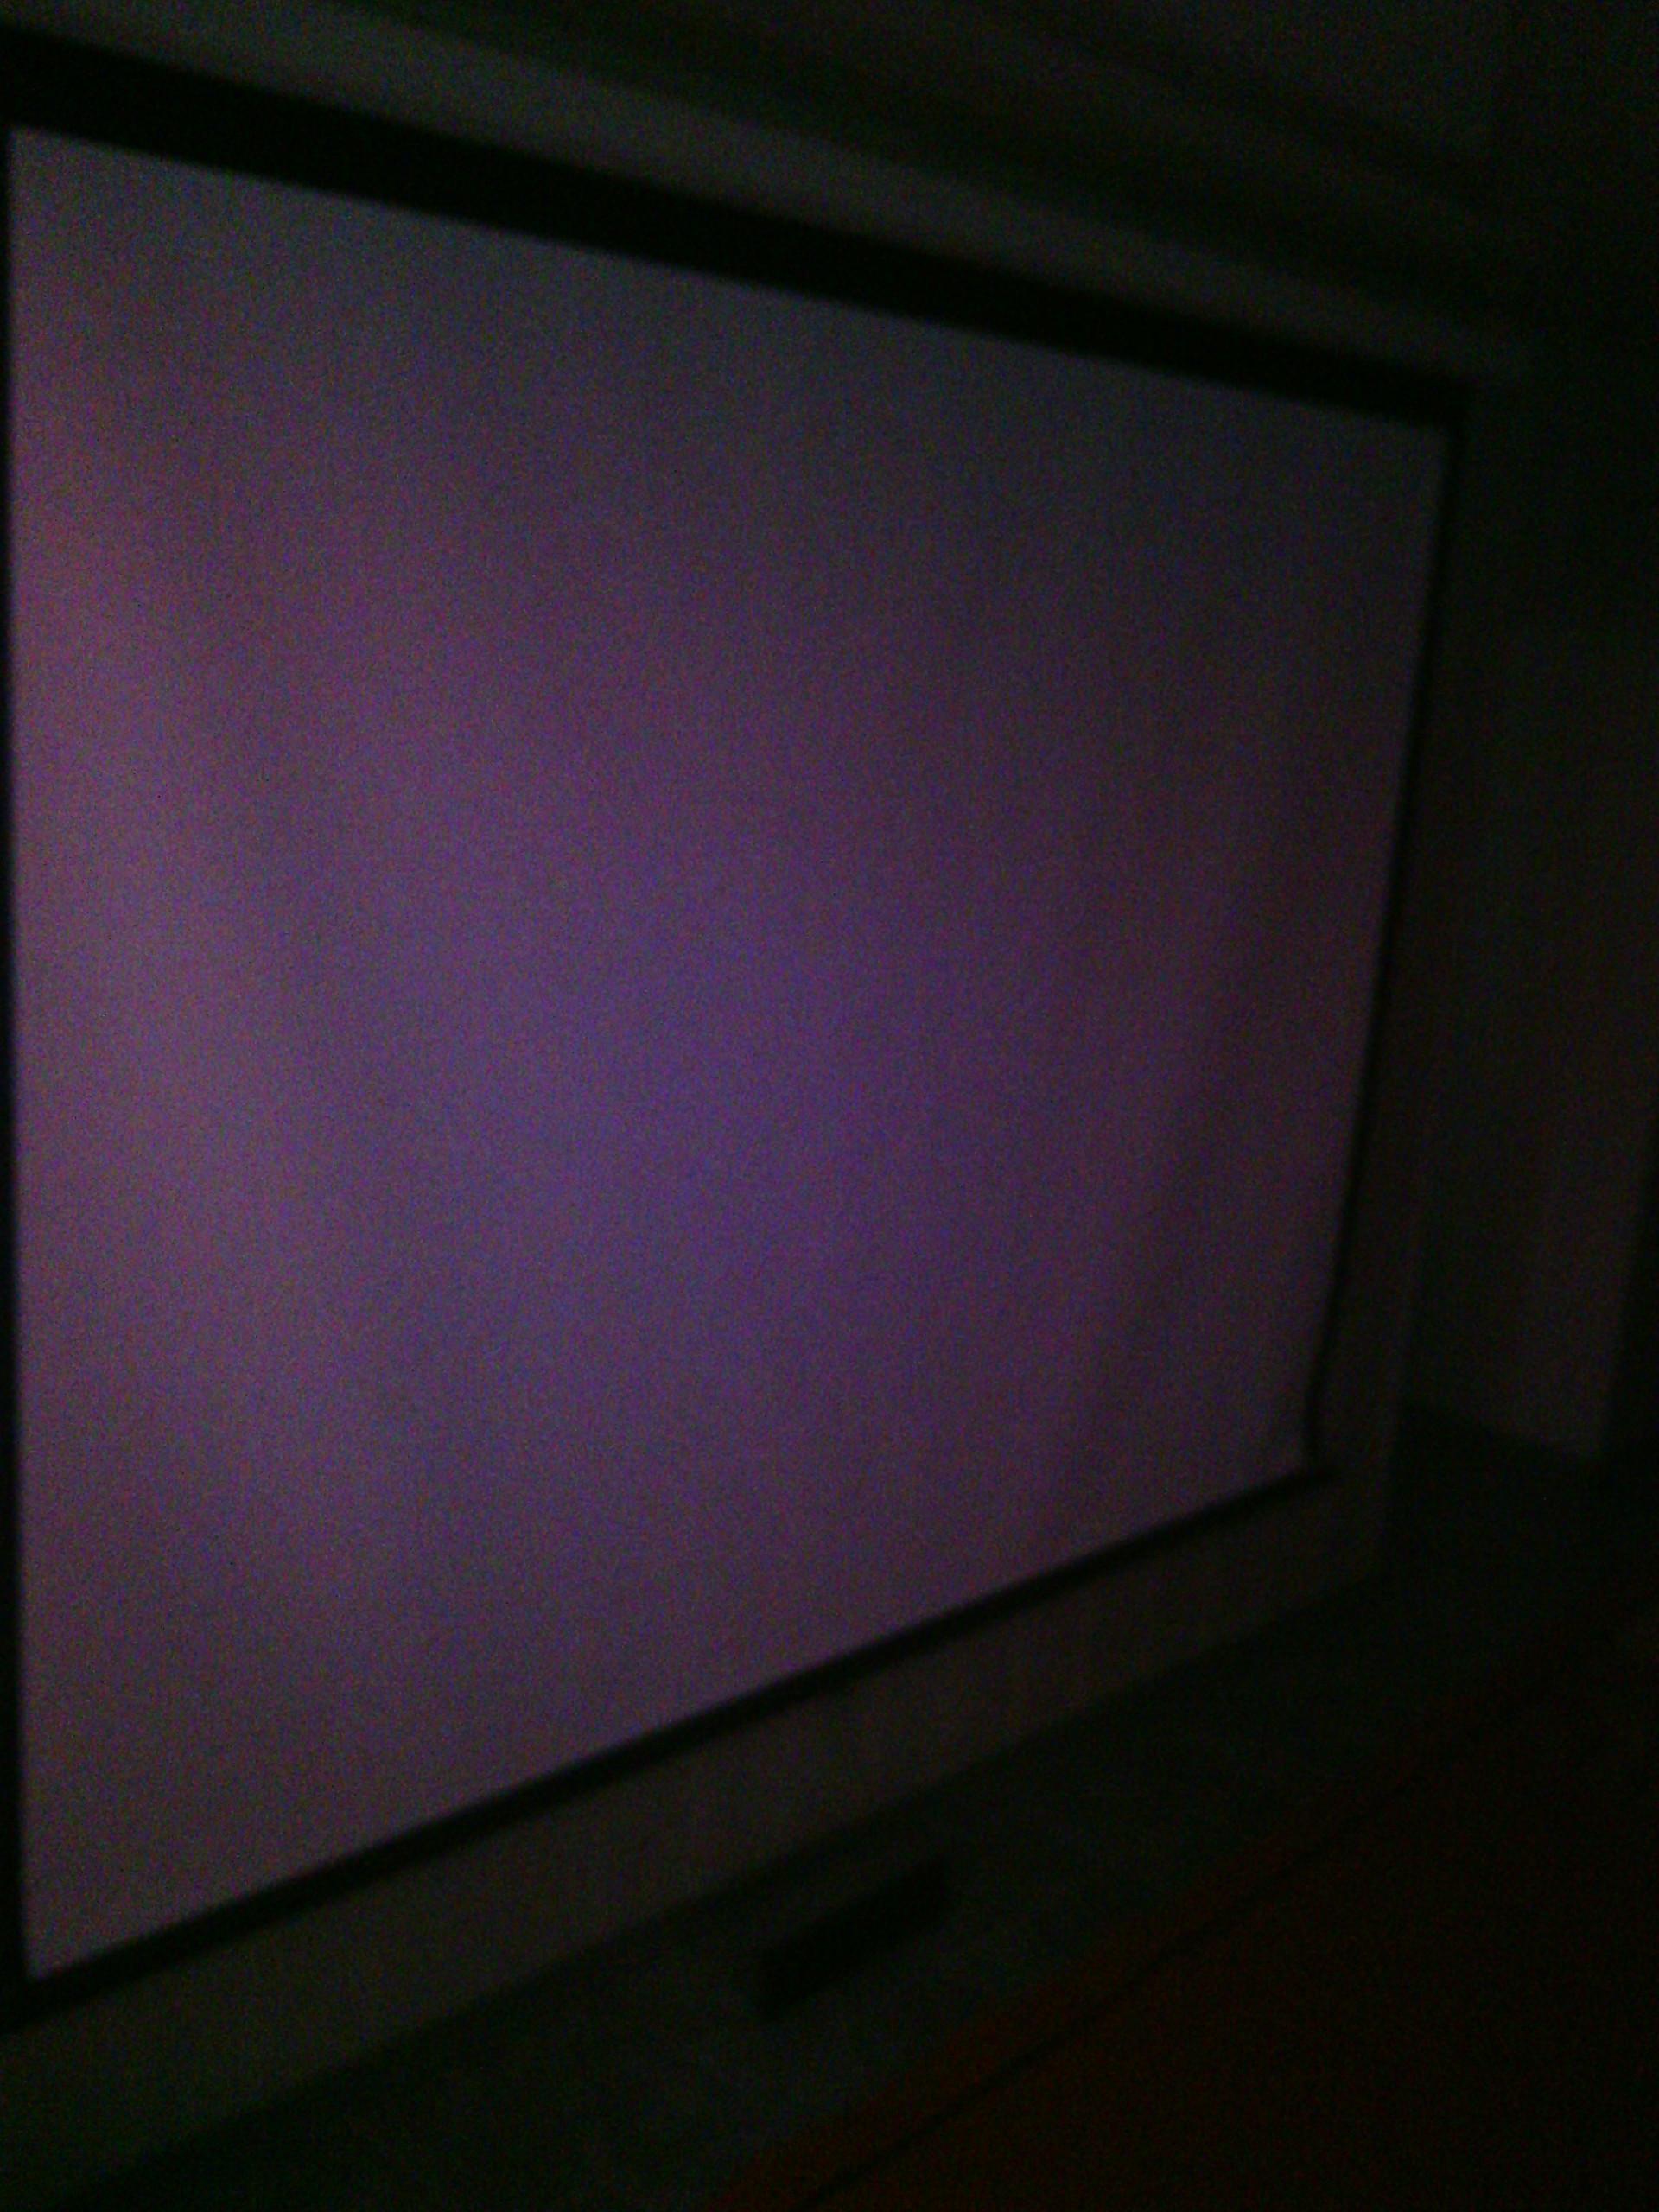 Кінотеатр чорного кольору, який складається з екрану, п'яти колонок та сабвуферу